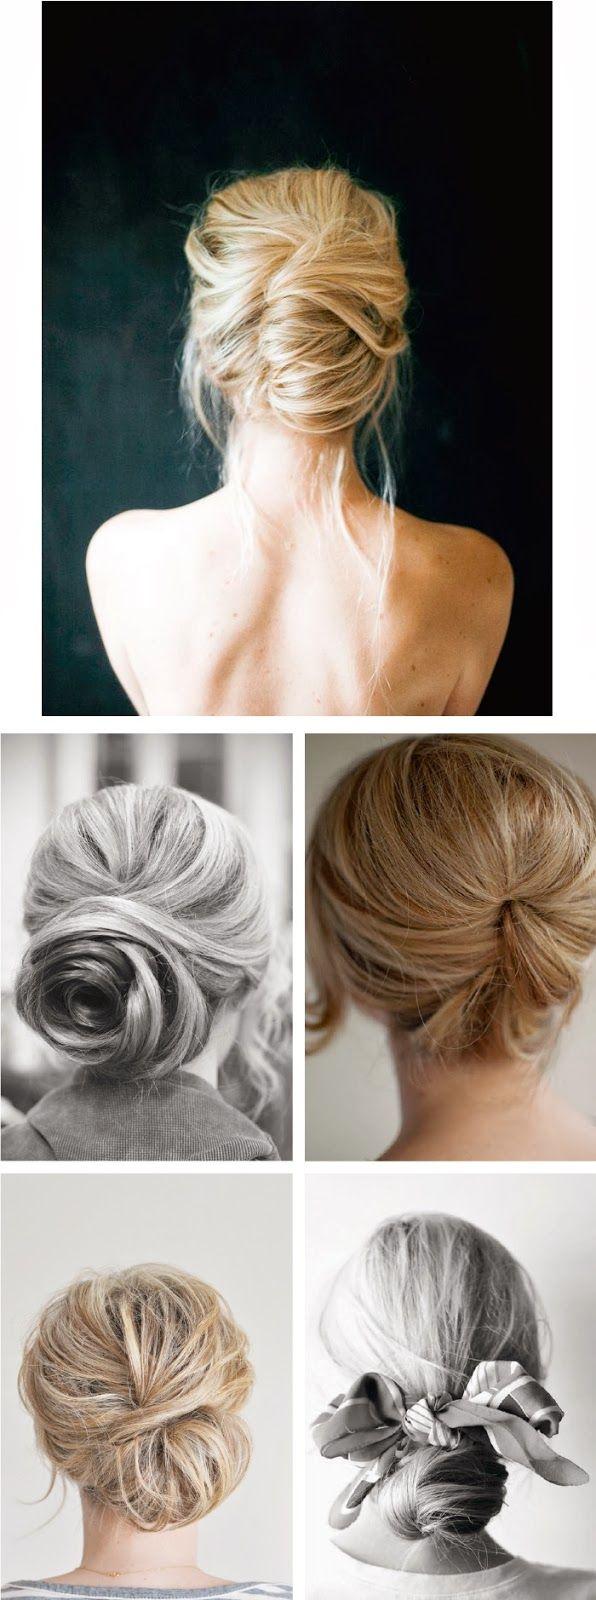 Short Hair Inspiration hair do Blogger Hair care beauty